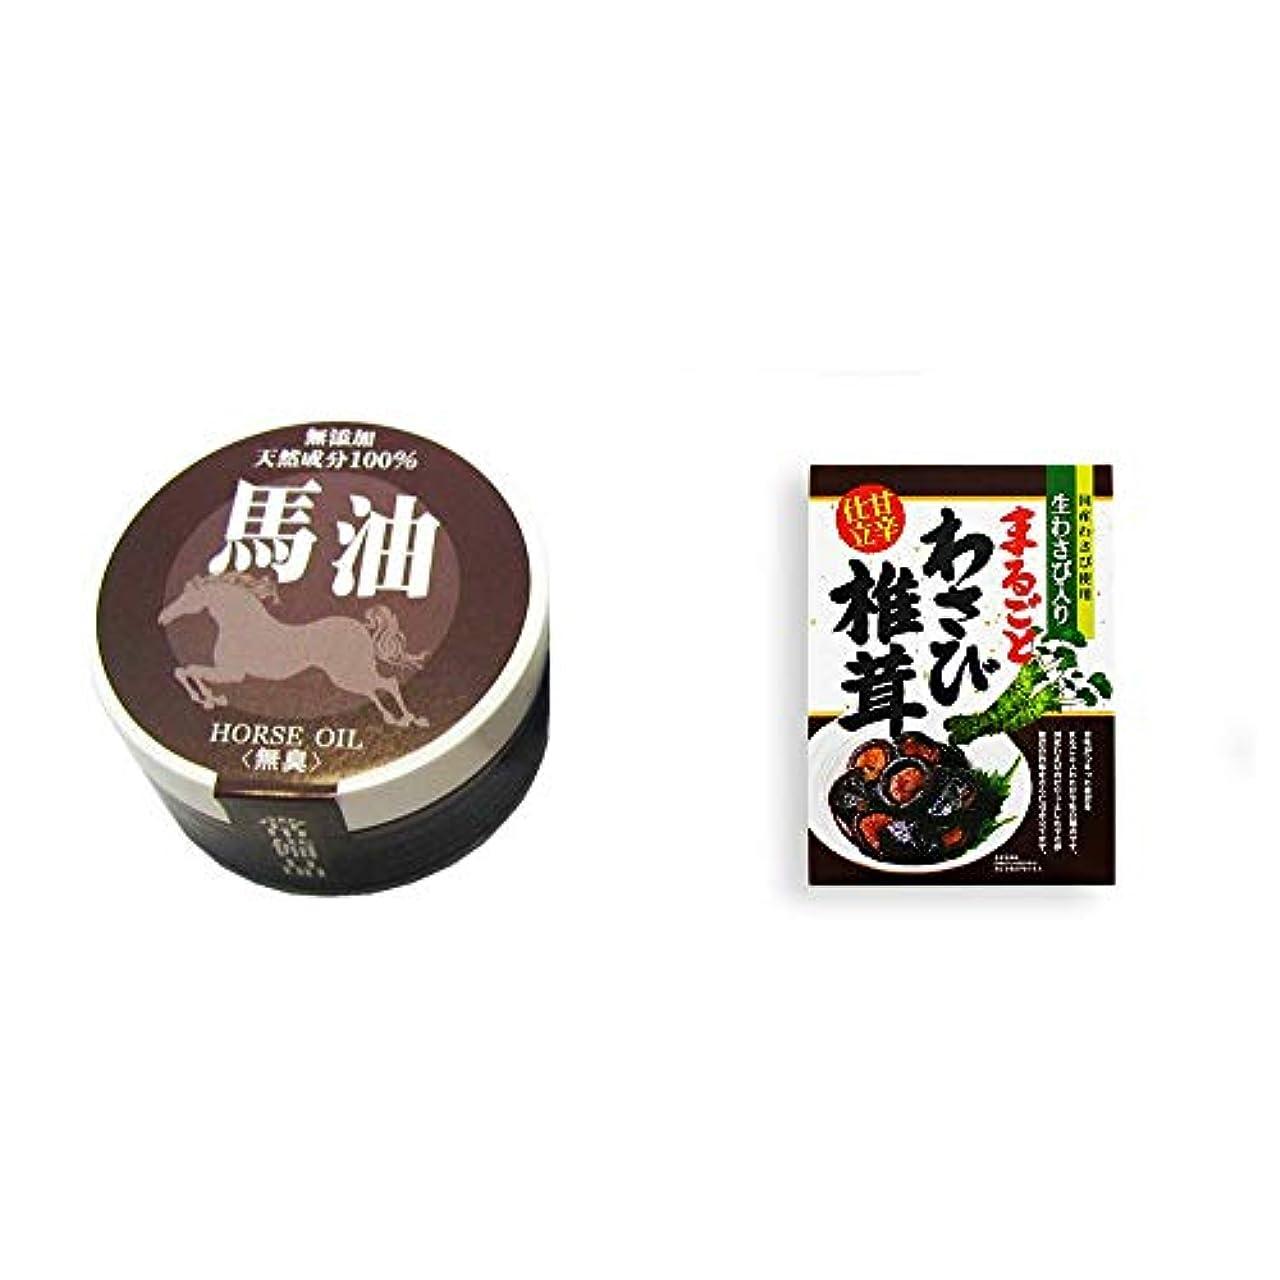 湿ったひも便利さ[2点セット] 無添加天然成分100% 馬油[無香料](38g)?まるごとわさび椎茸(200g)